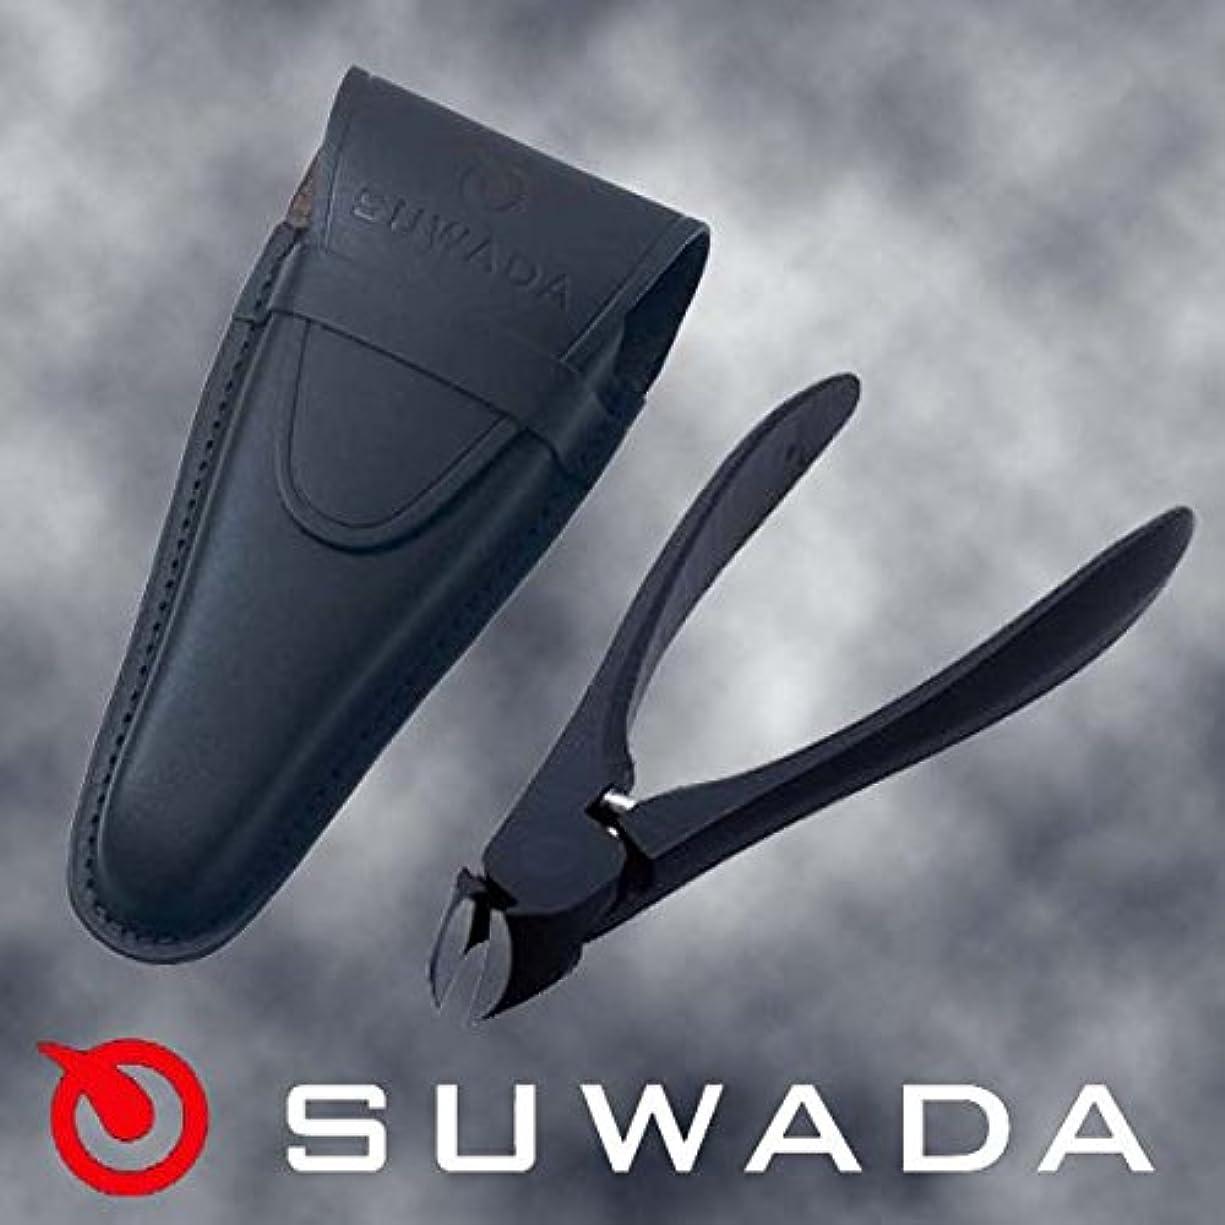 中央医薬品ハーフSUWADA爪切りブラックL&ブラック革ケースセット 諏訪田製作所製 スワダの爪切り